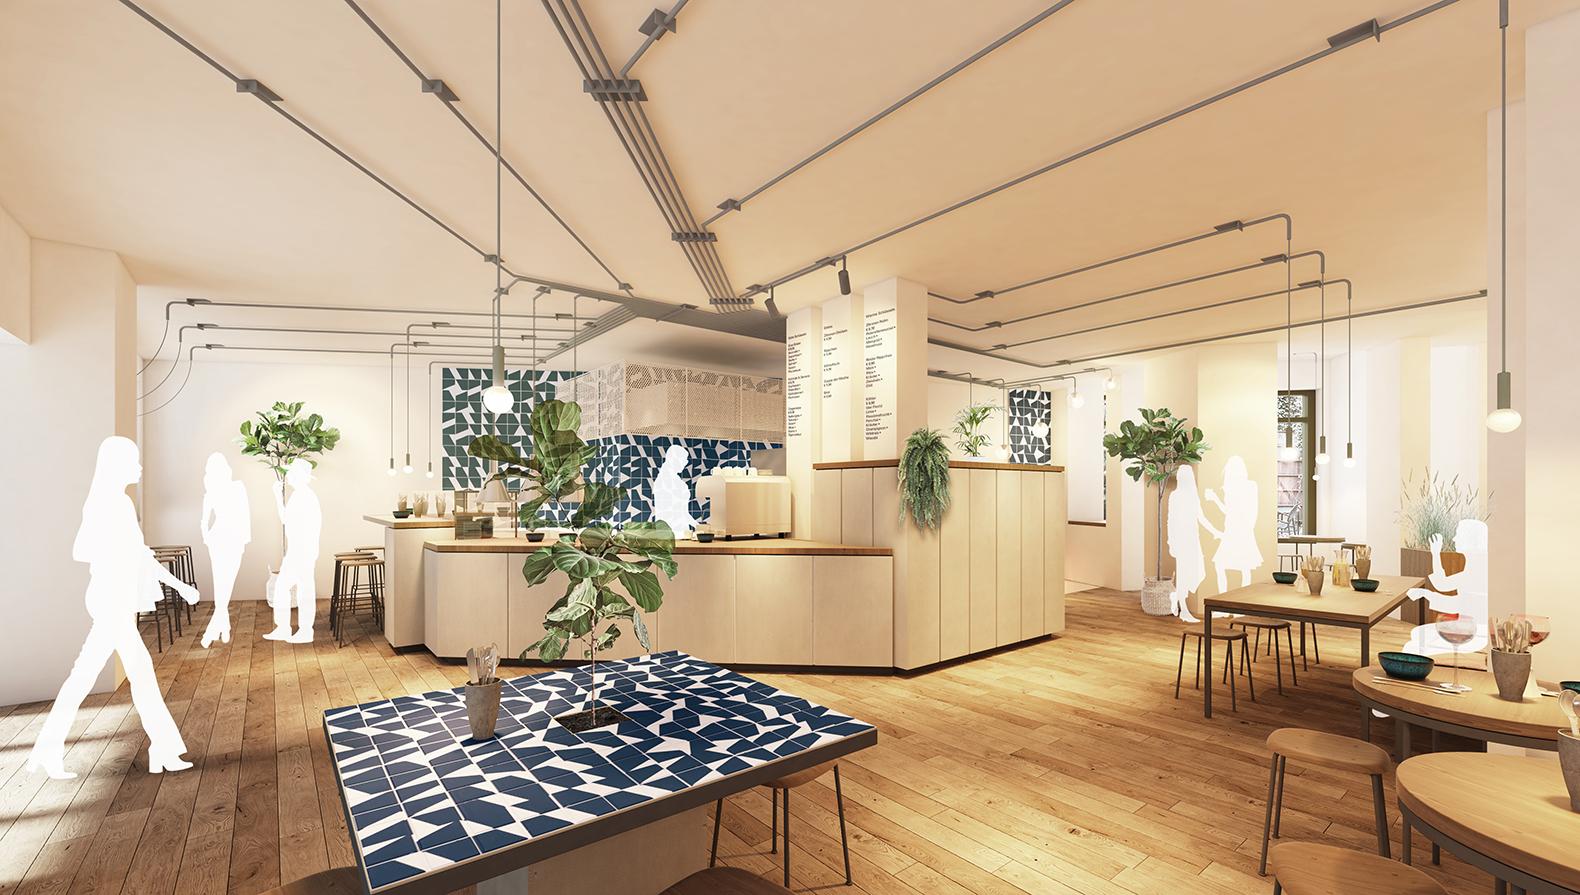 Visualisierung: Blick in den Gastraum mit Küche